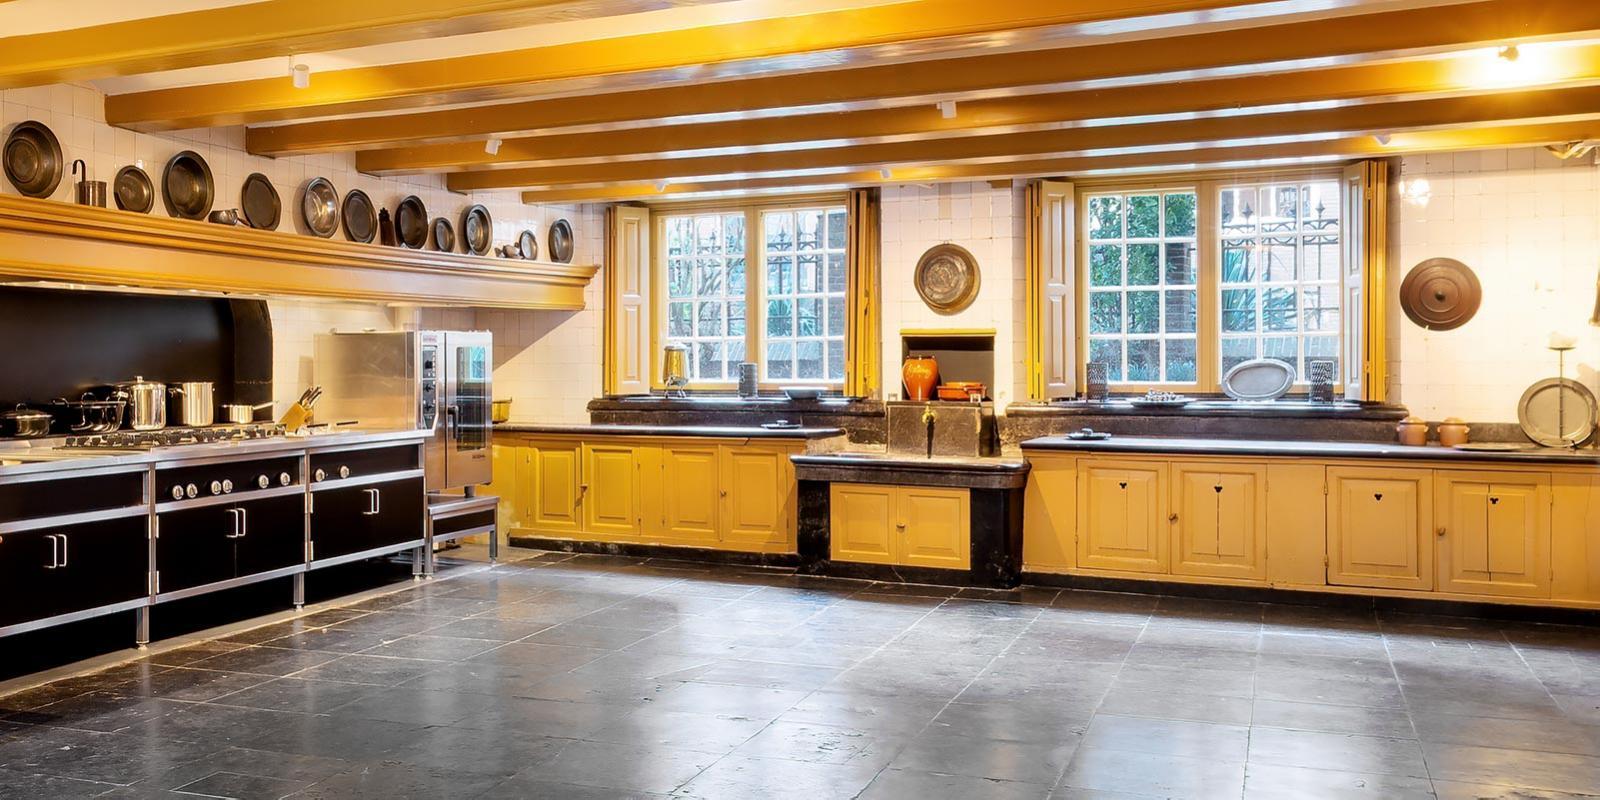 Historische Keuken